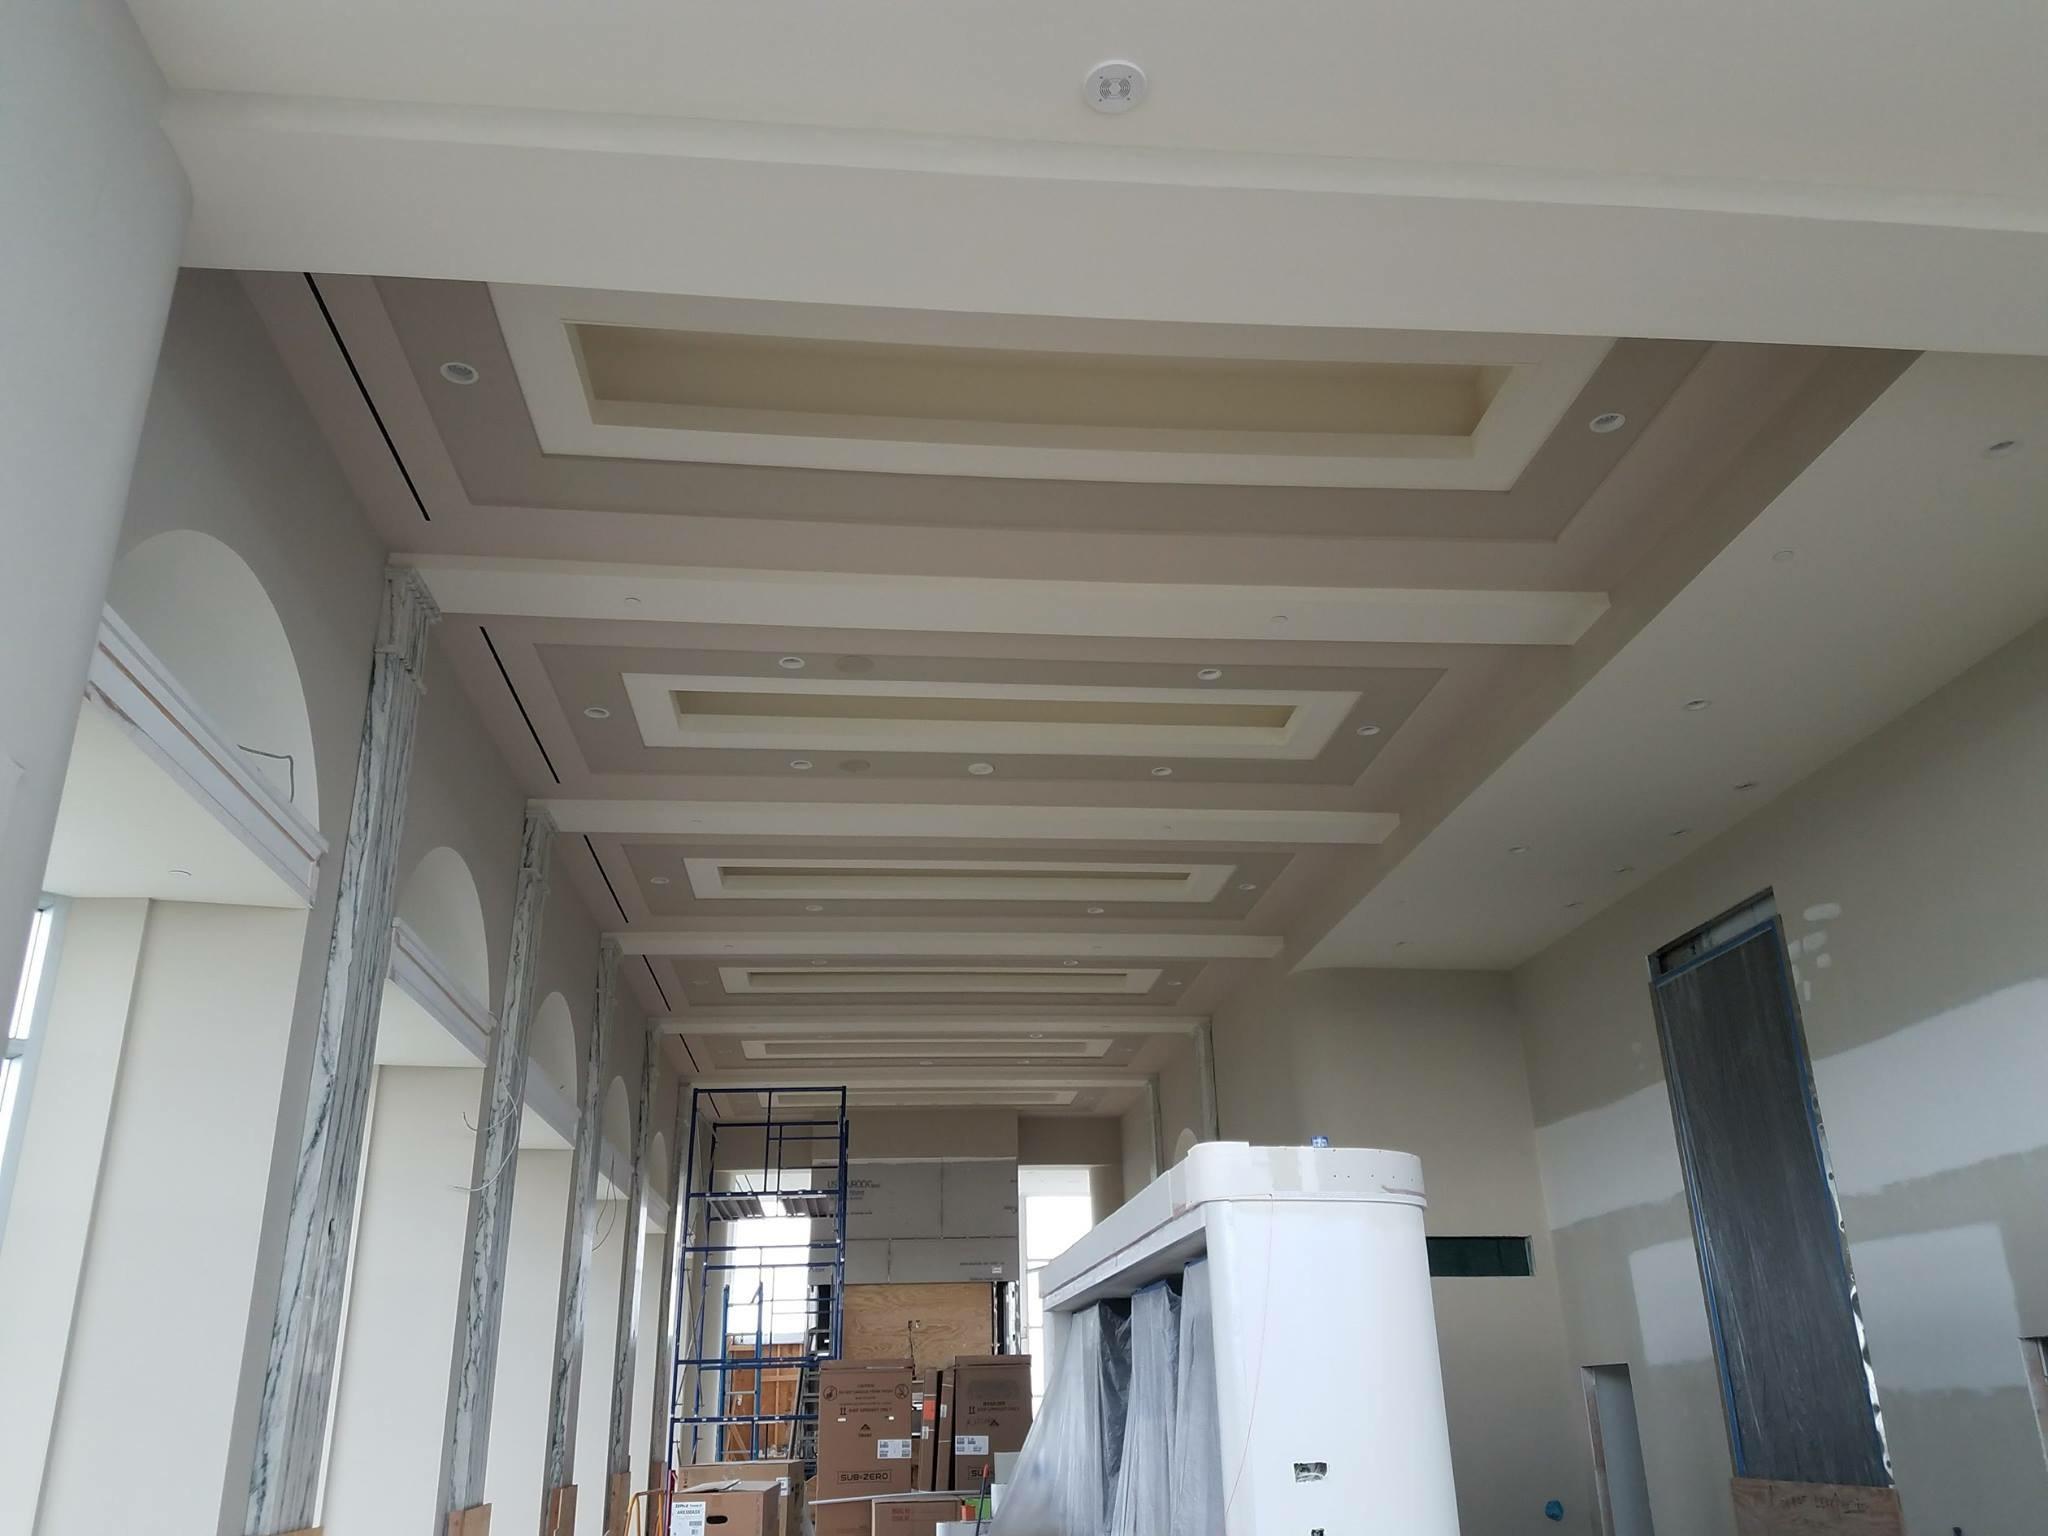 Interior-condo ceiling.jpeg